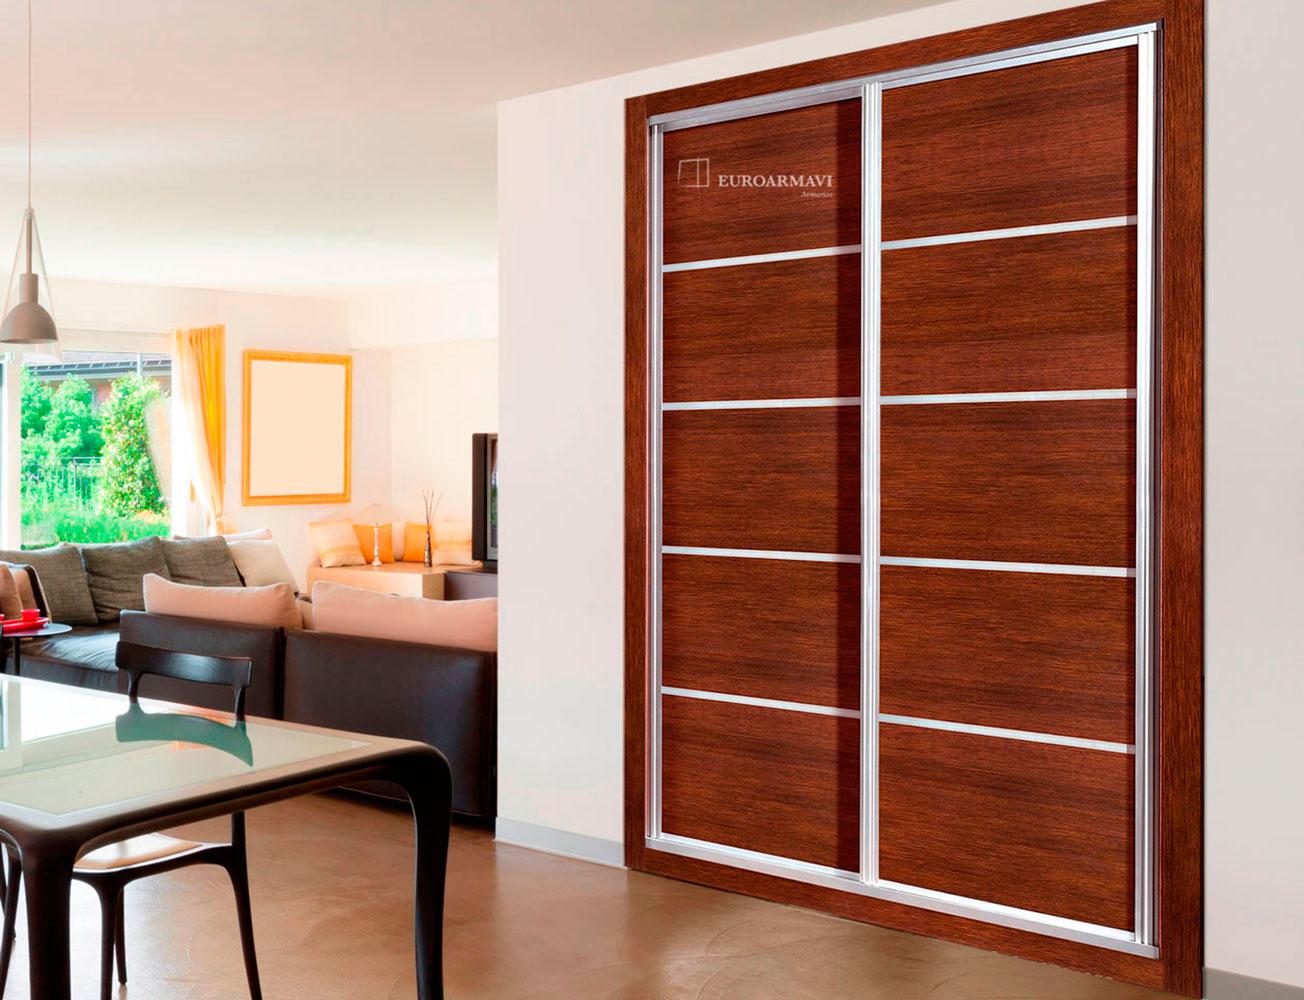 Bonito armarios de comedor galer a de im genes cocina - Muebles bonitos sl ...